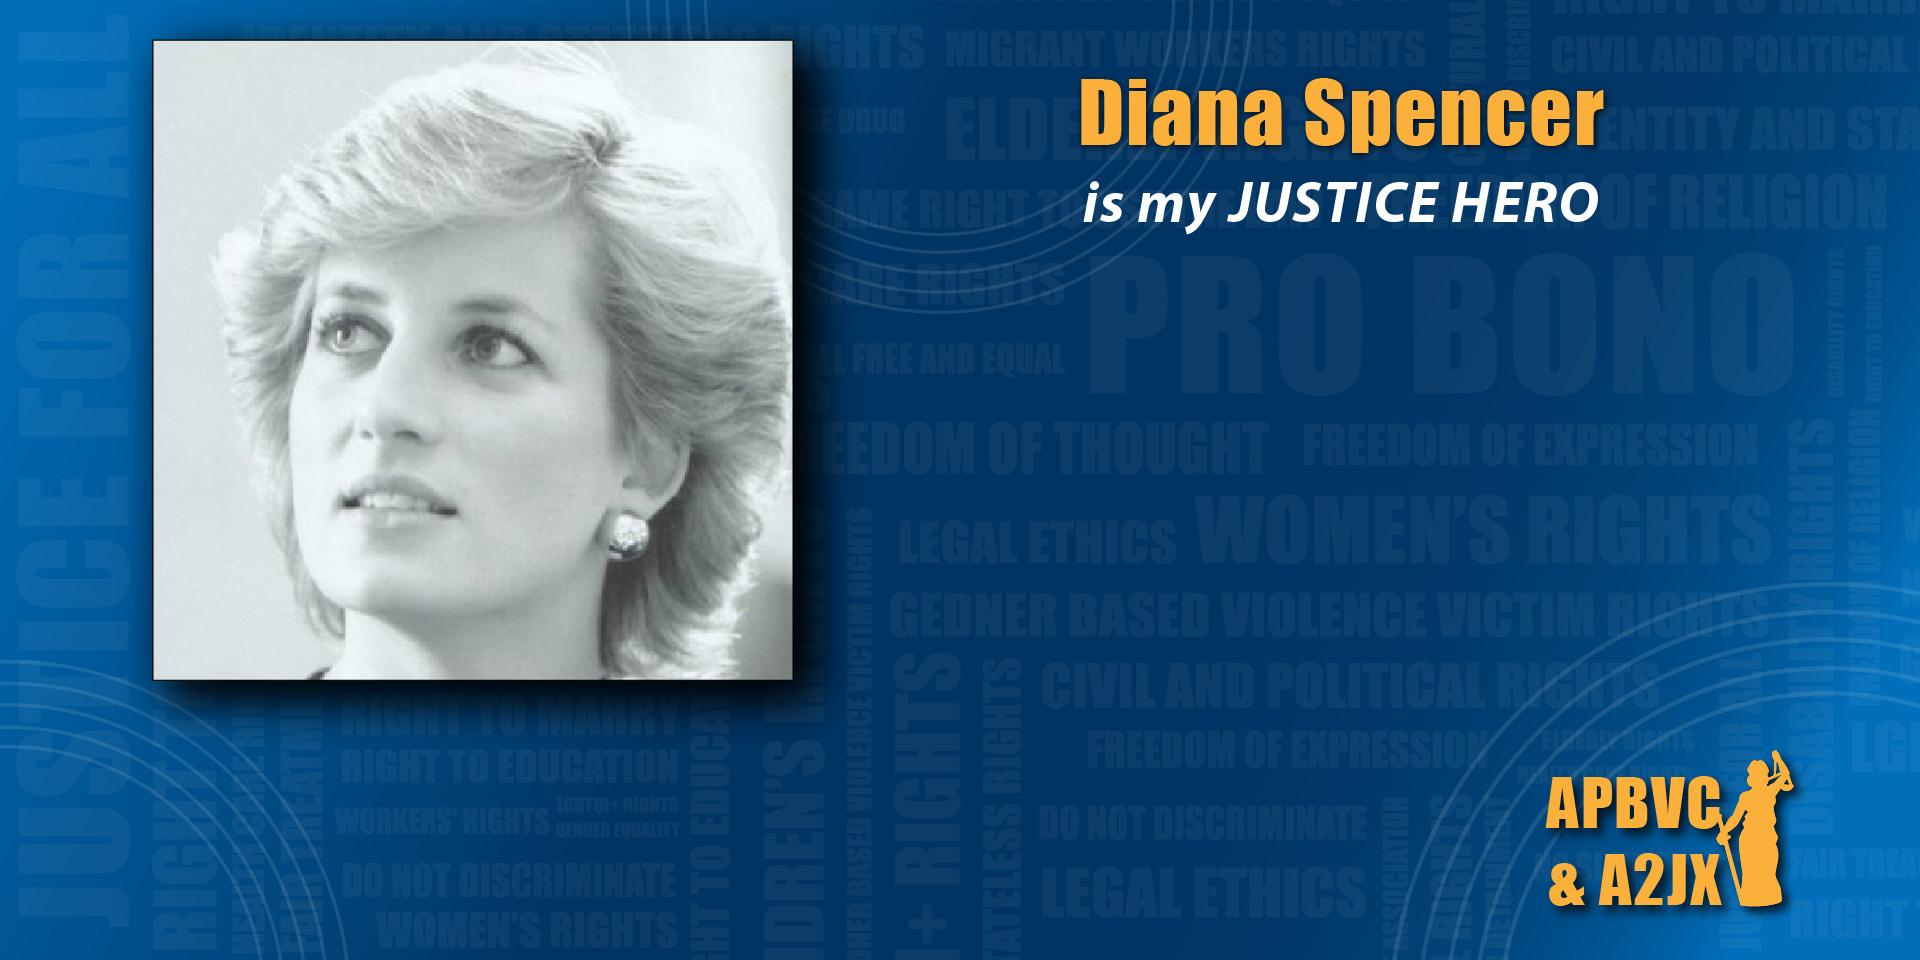 Diana Spencer